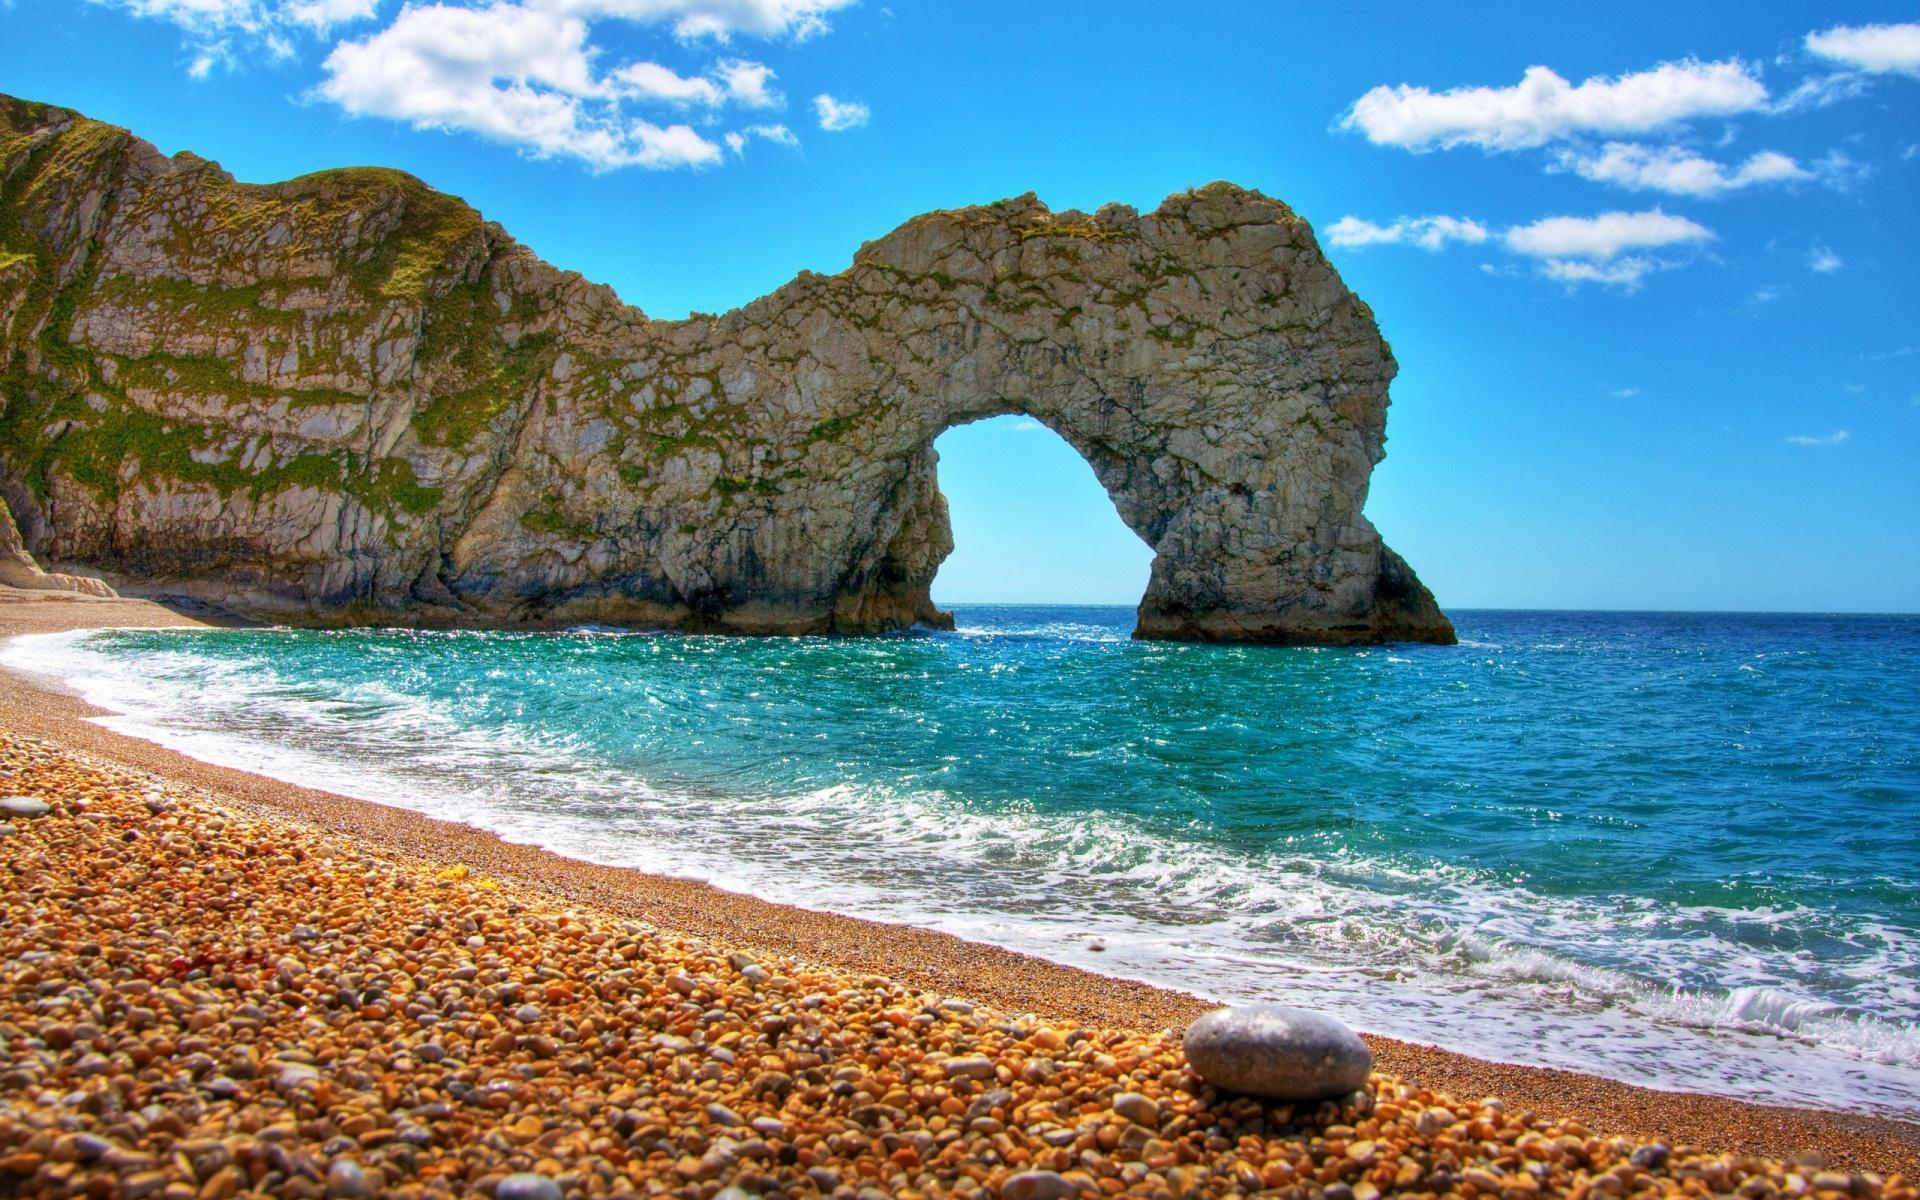 Sfondo Hd Mare E Spiaggia Sfondi Hd Gratis